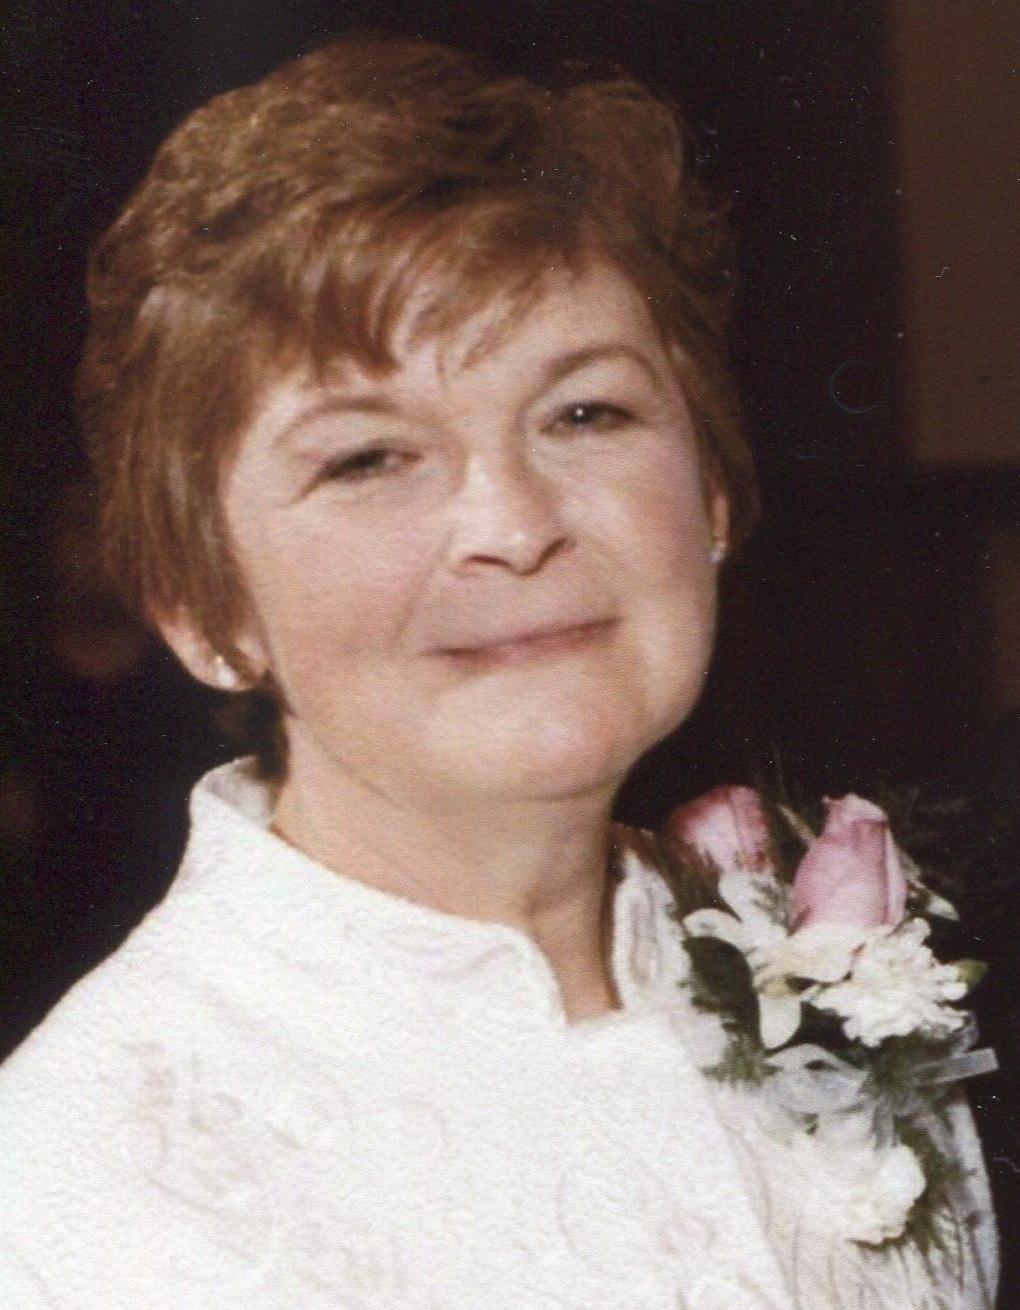 MARY PHYLLIS HAMILTON